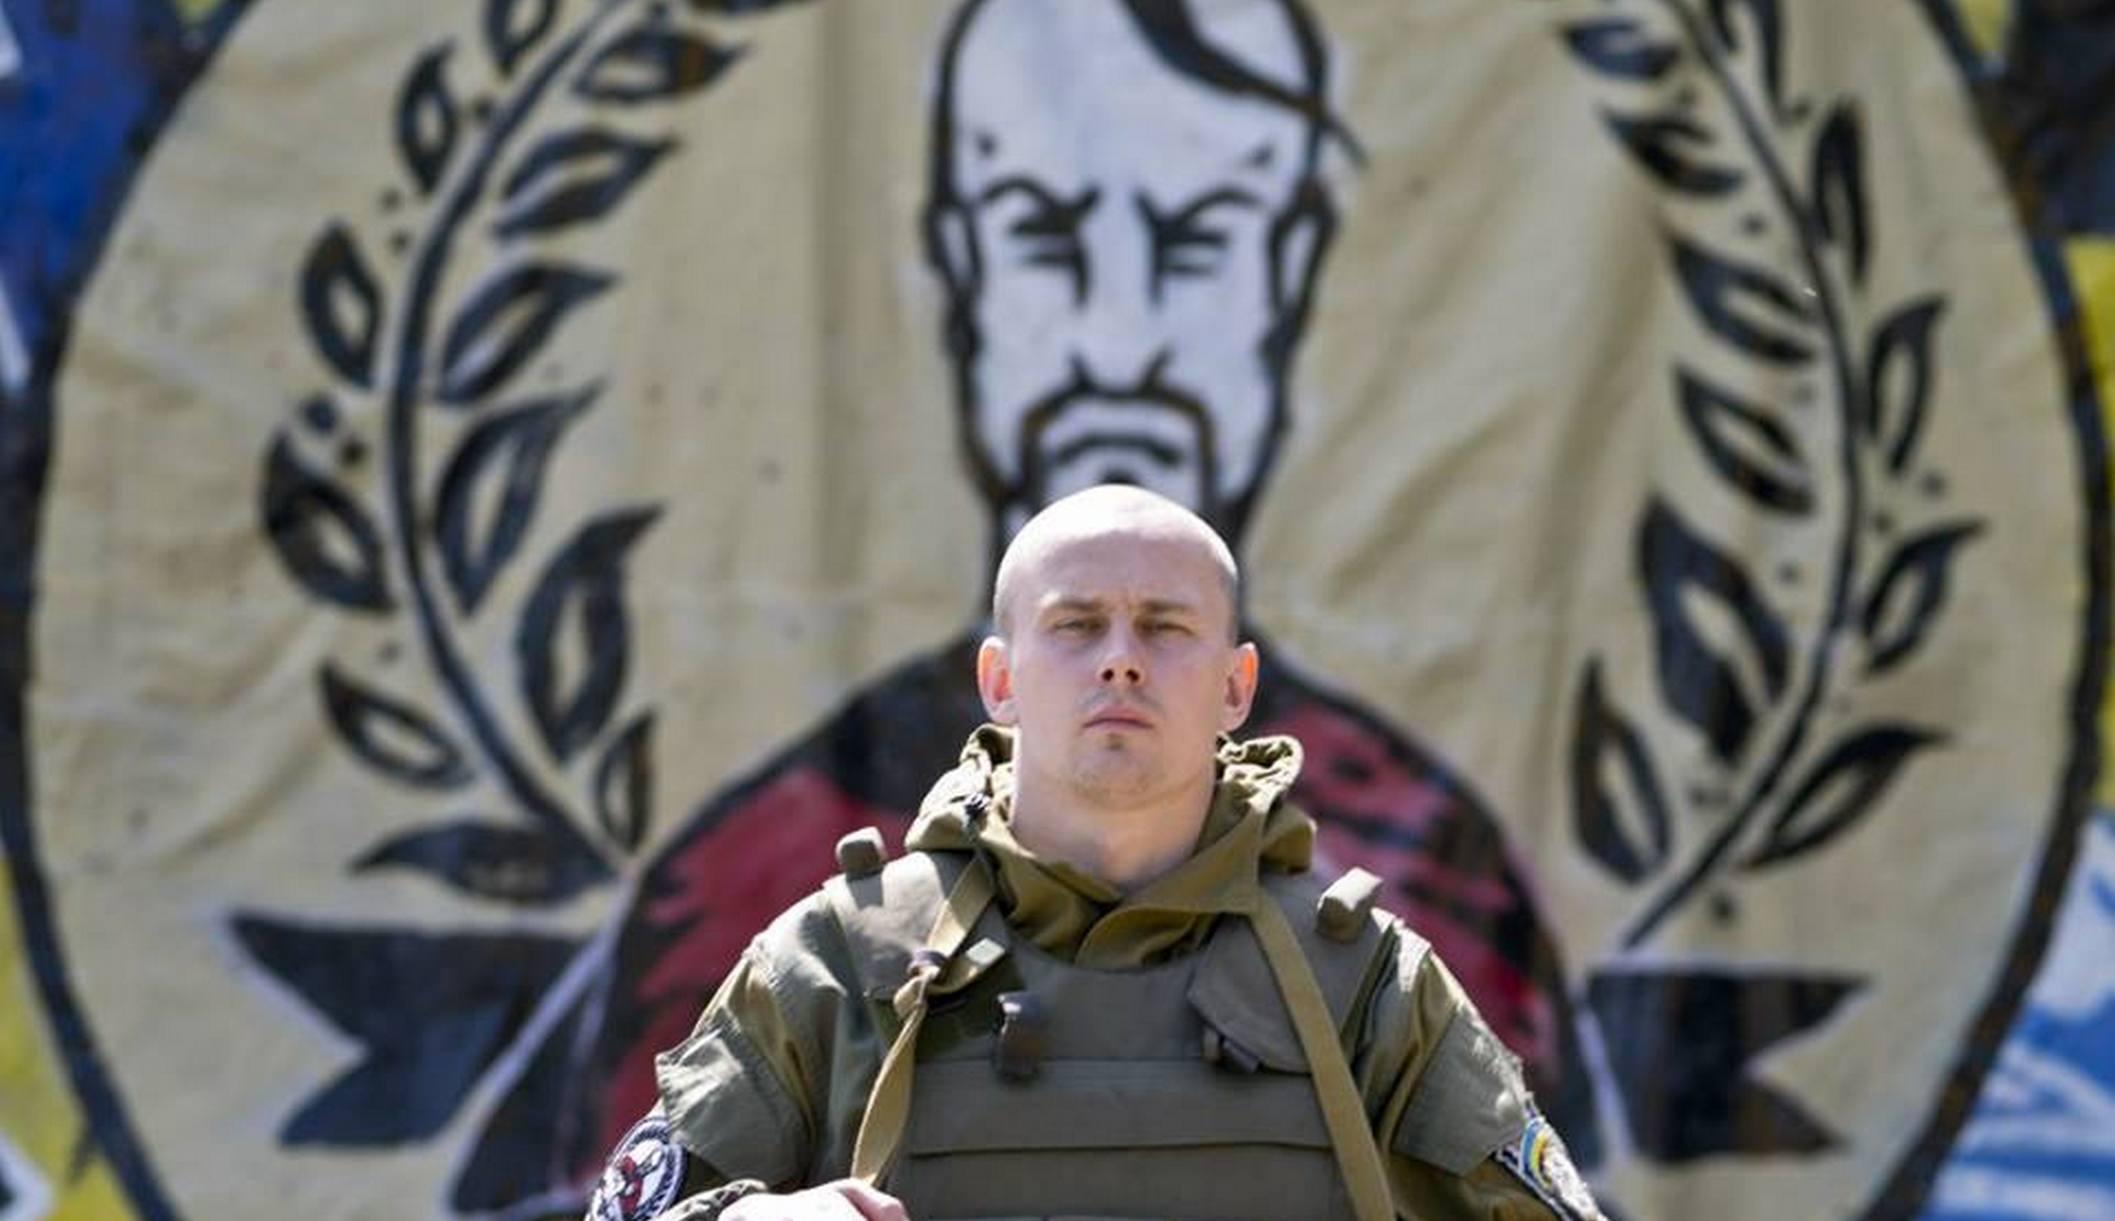 Ширяев оставлен под стражей без права выхода под залог